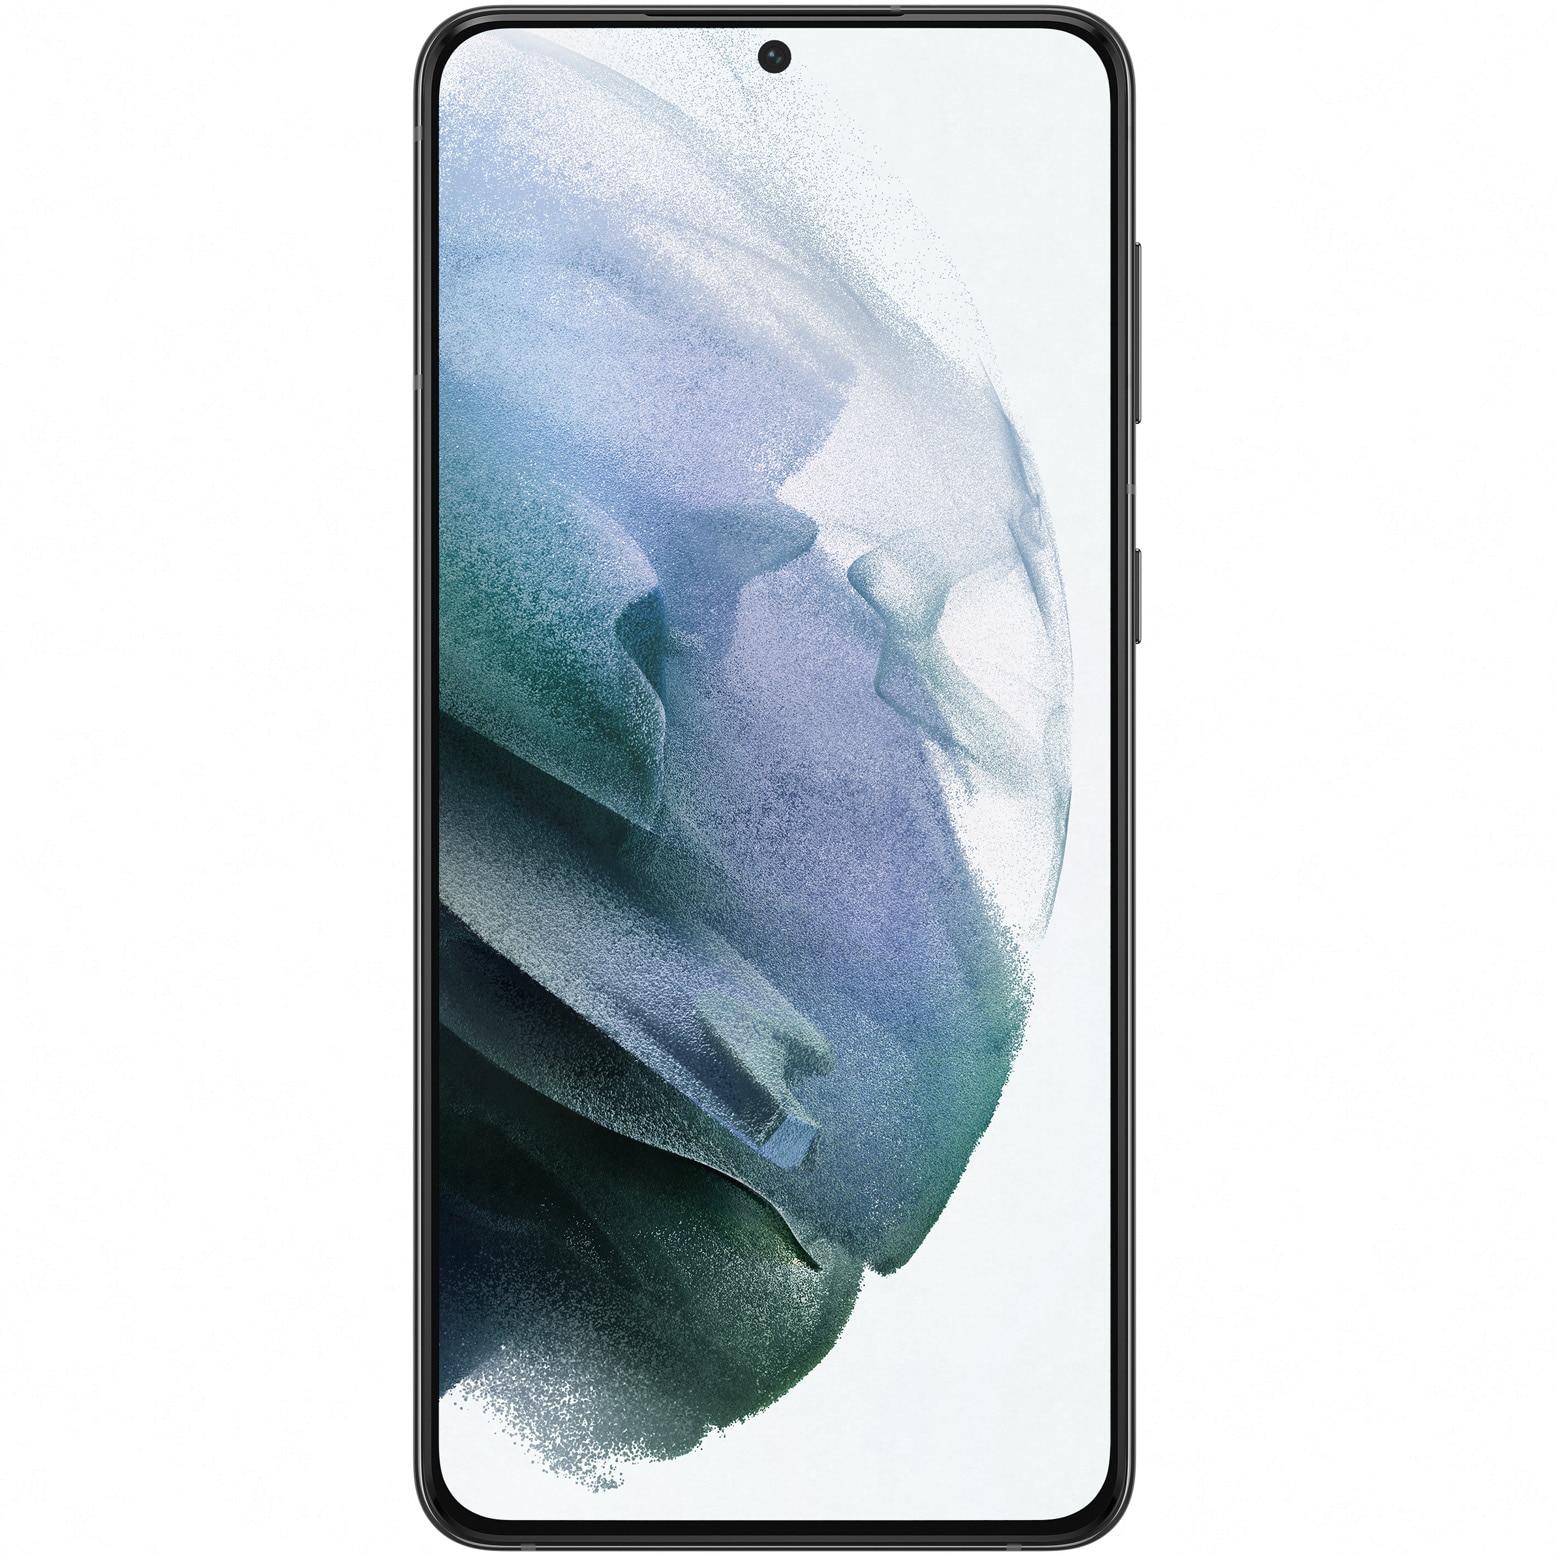 Fotografie Telefon mobil Samsung Galaxy S21 Plus, Dual SIM, 128GB, 8GB RAM, 5G, Phantom Black